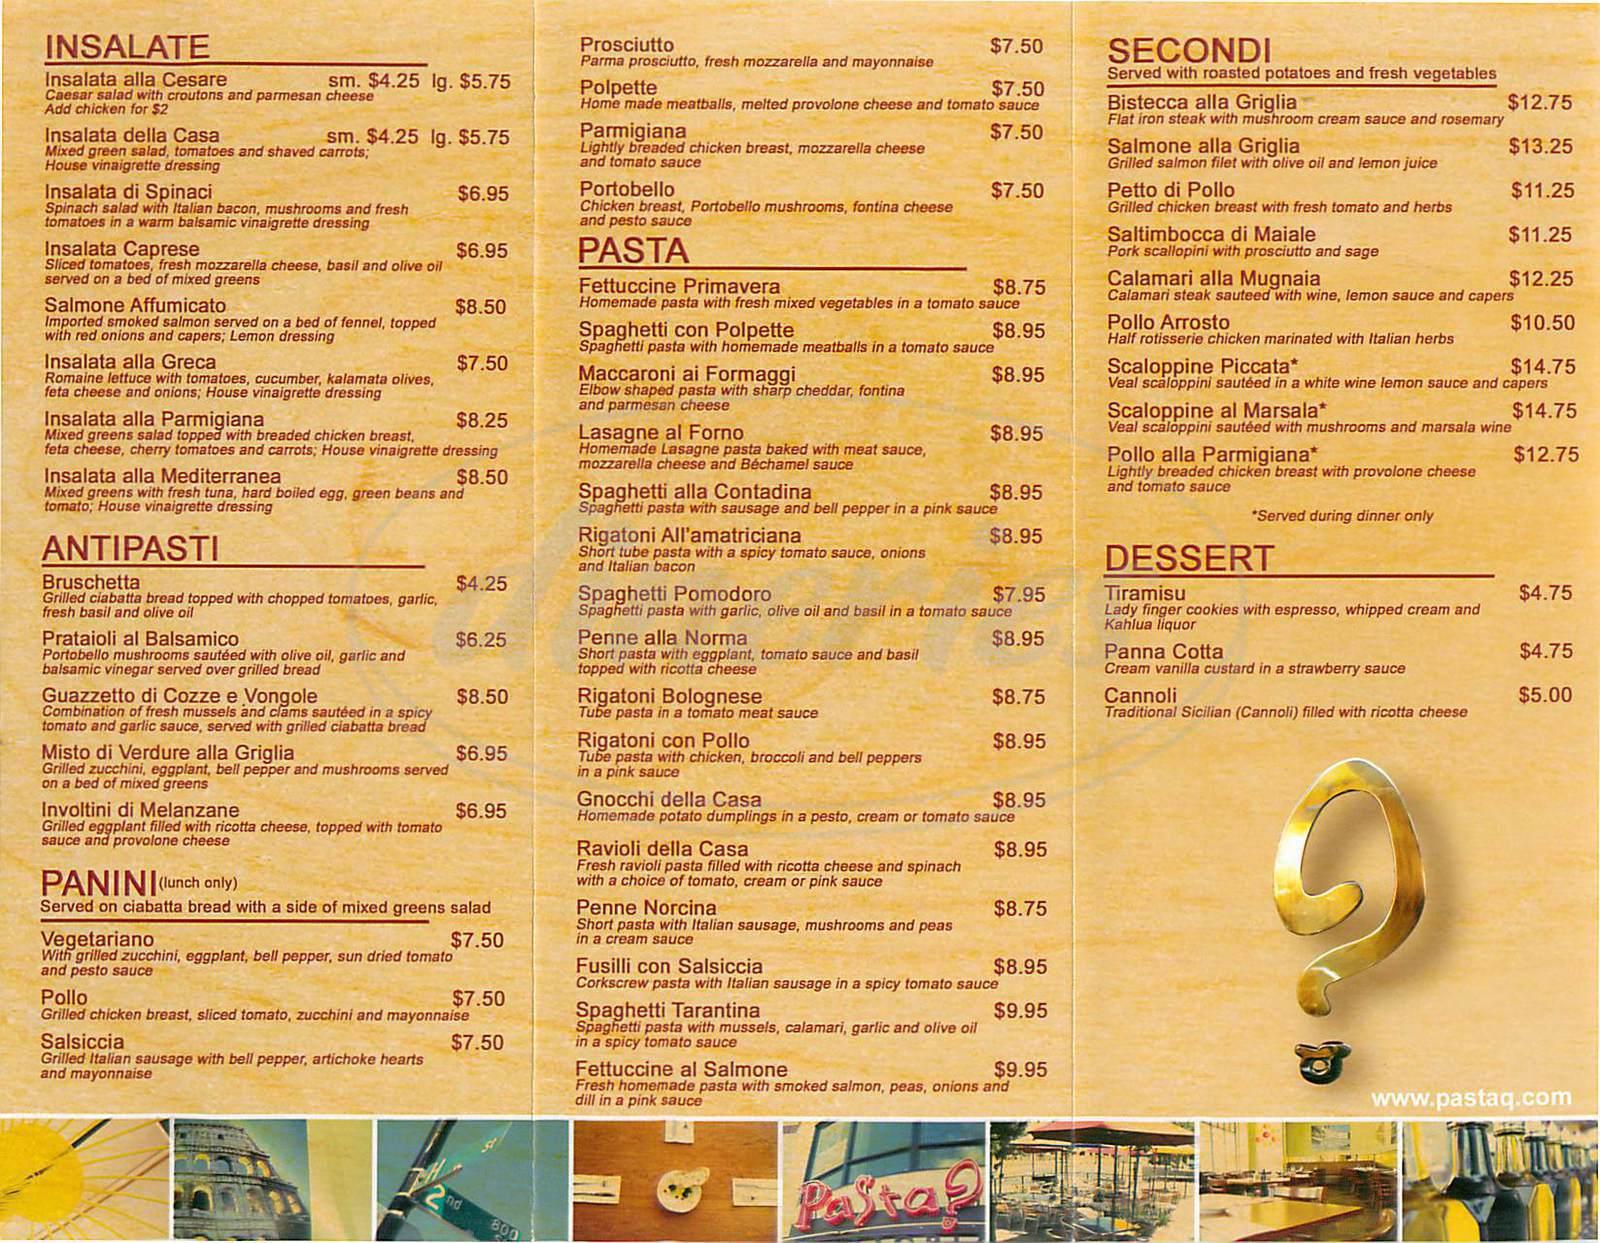 menu for Pasta?